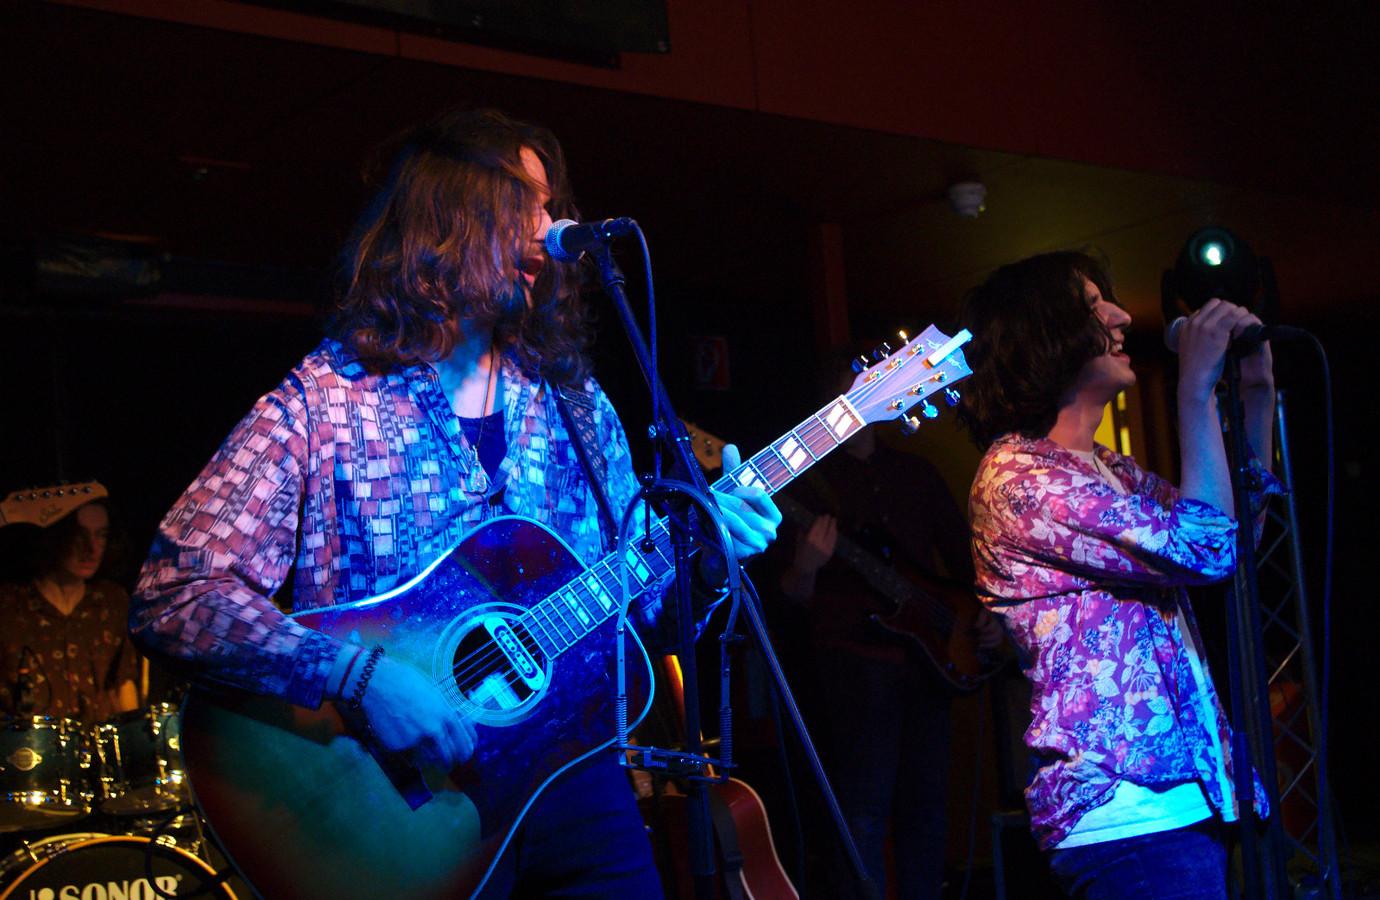 De Vlaamse band Hopeless Romanticism won onlangs de derde voorronde van muziekwedstrijd Steenworp. De band staat in de finale, op 20 april.